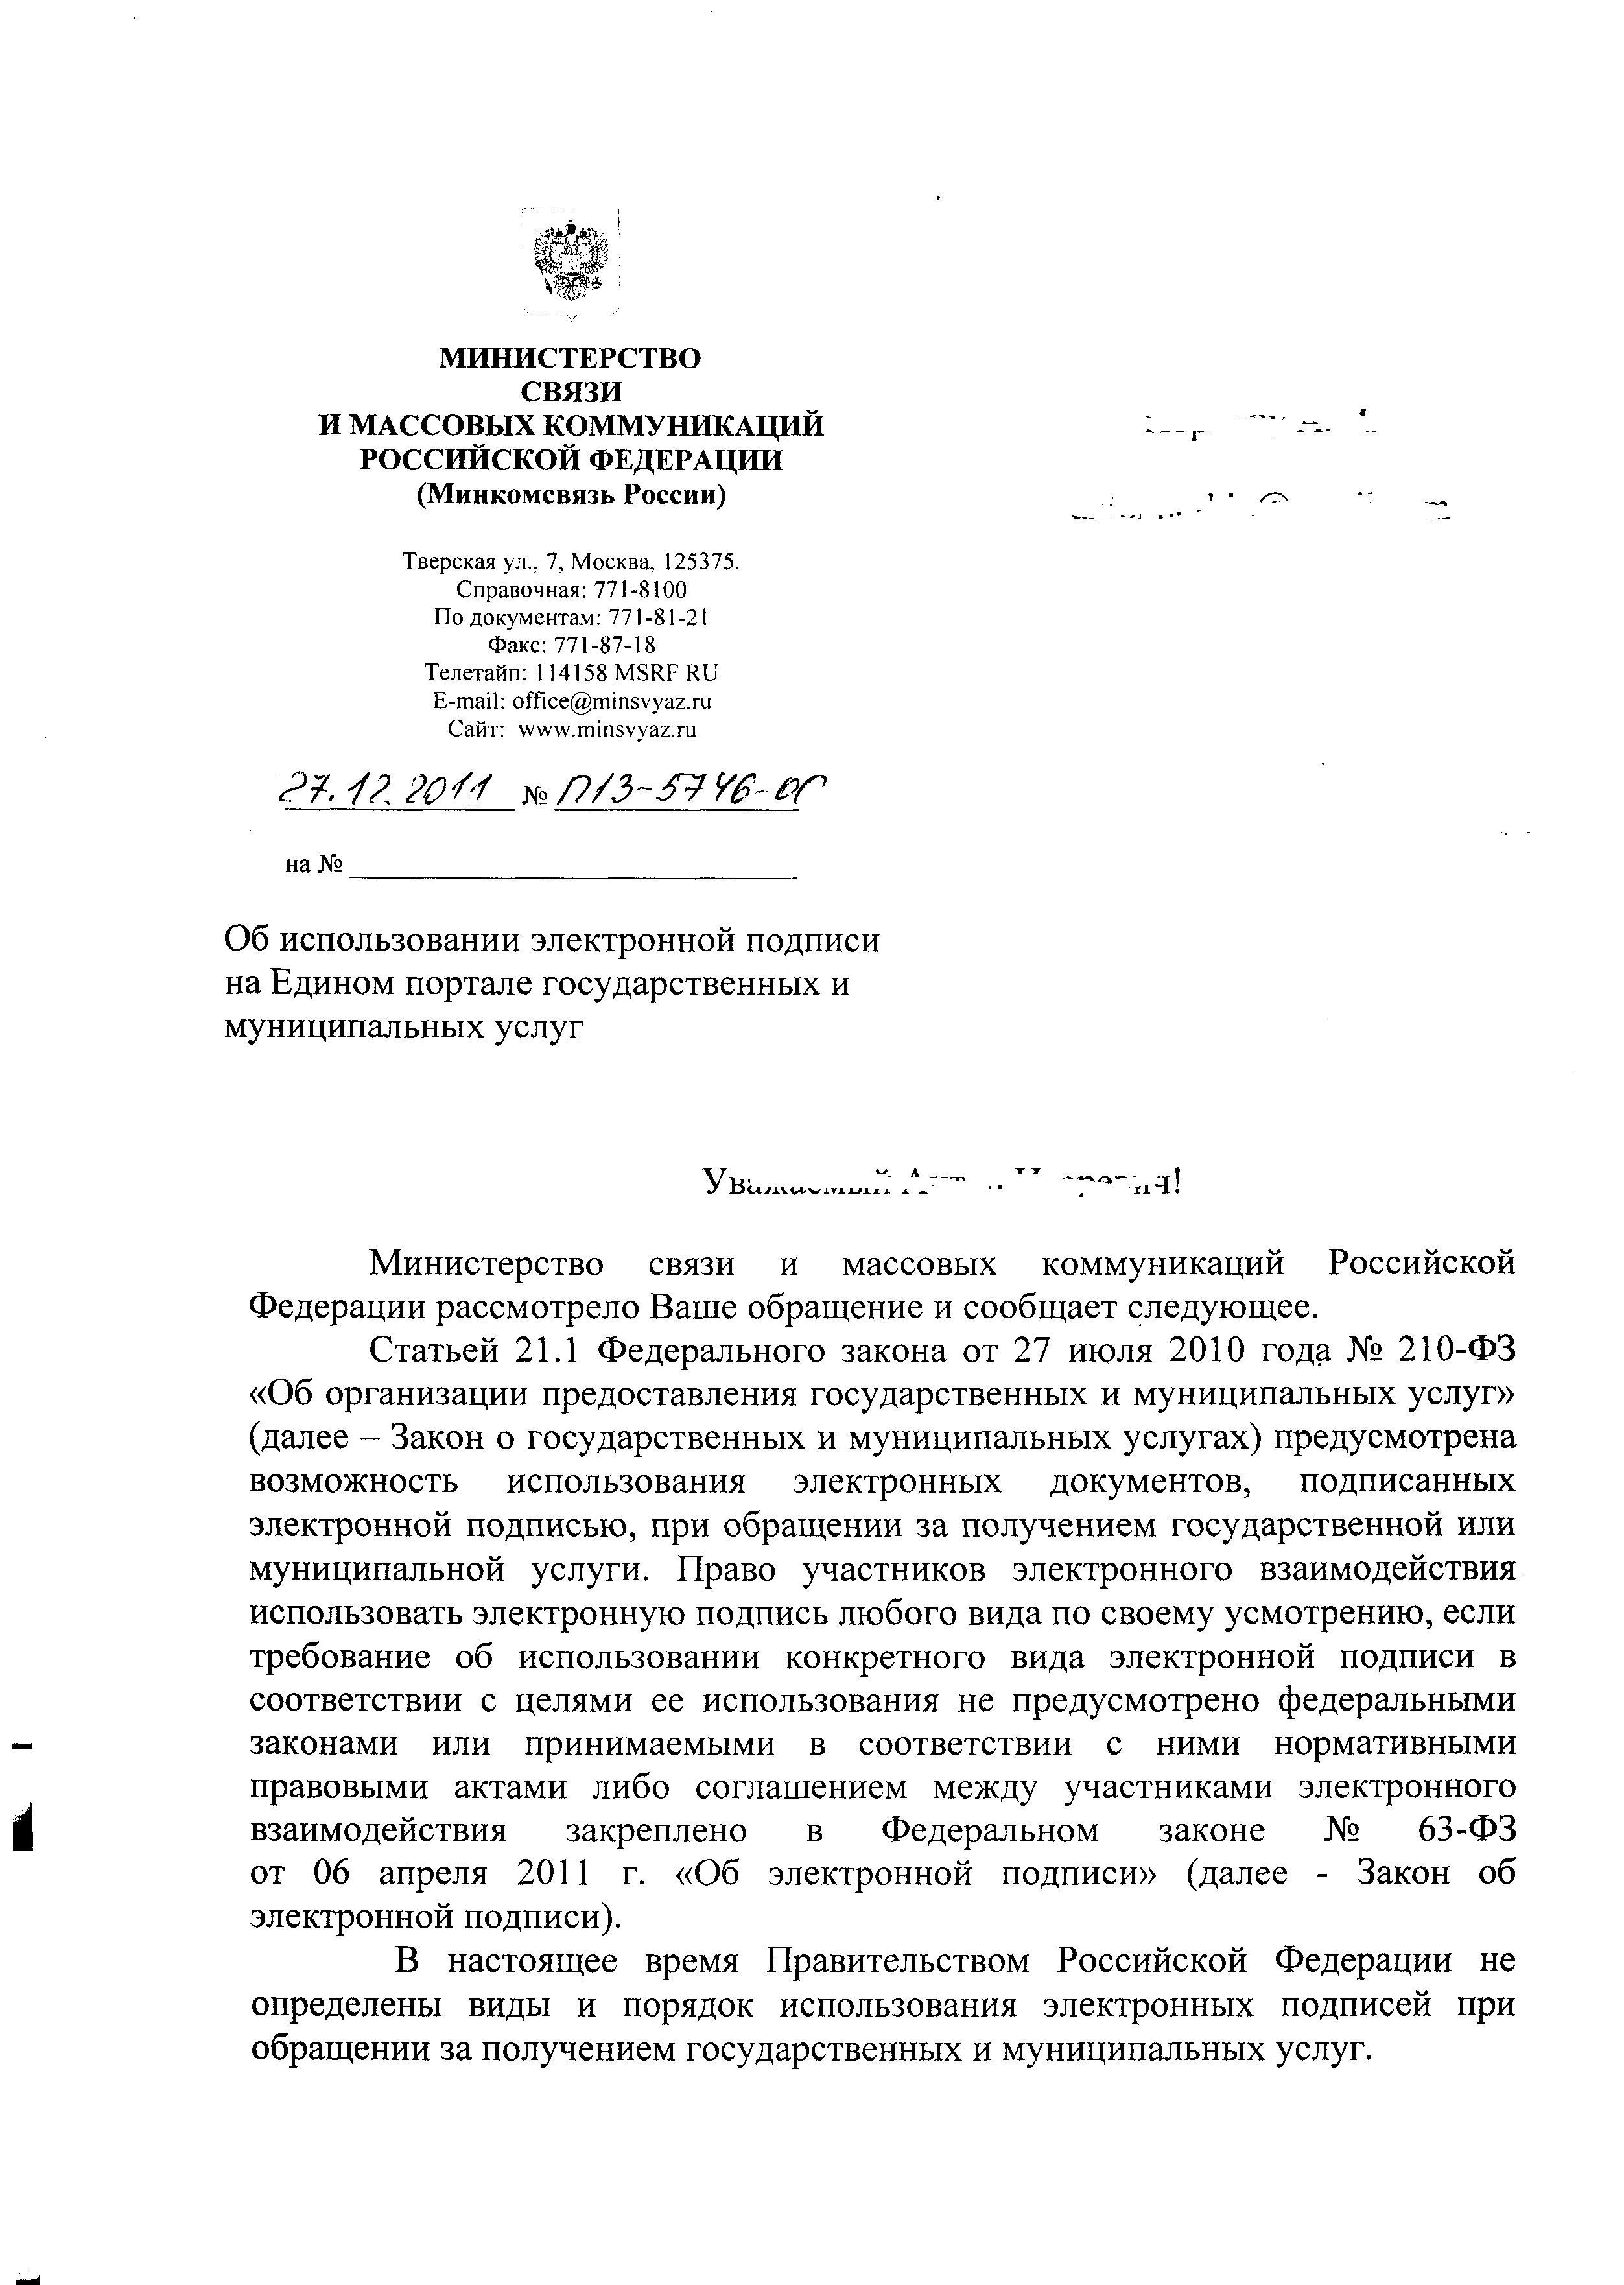 Перечень документов, необходимых для оформления временной регистрации